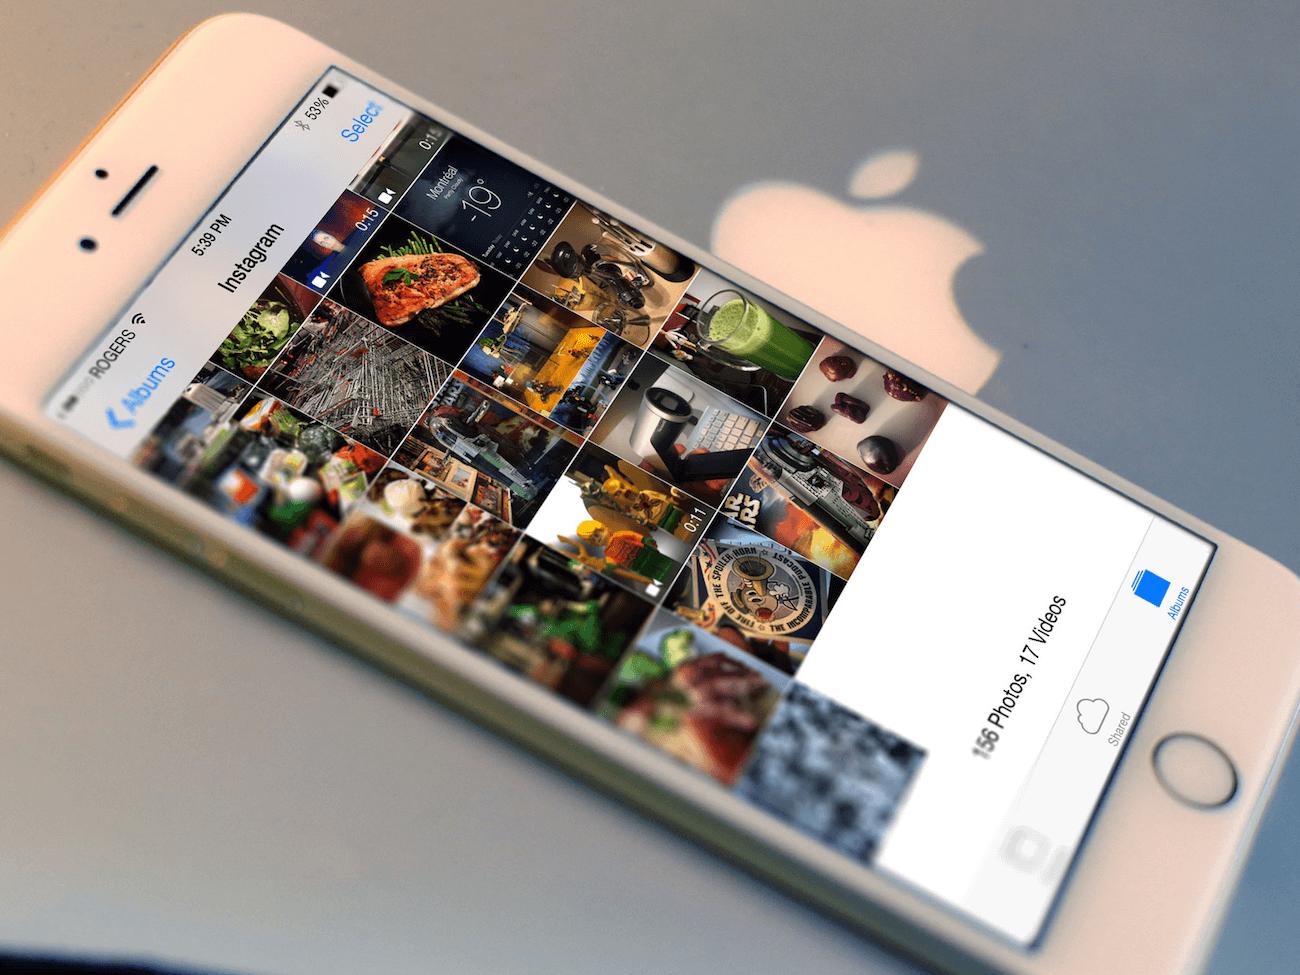 Как восстановить переписку в Инстаграмме на айфоне и андроиде?